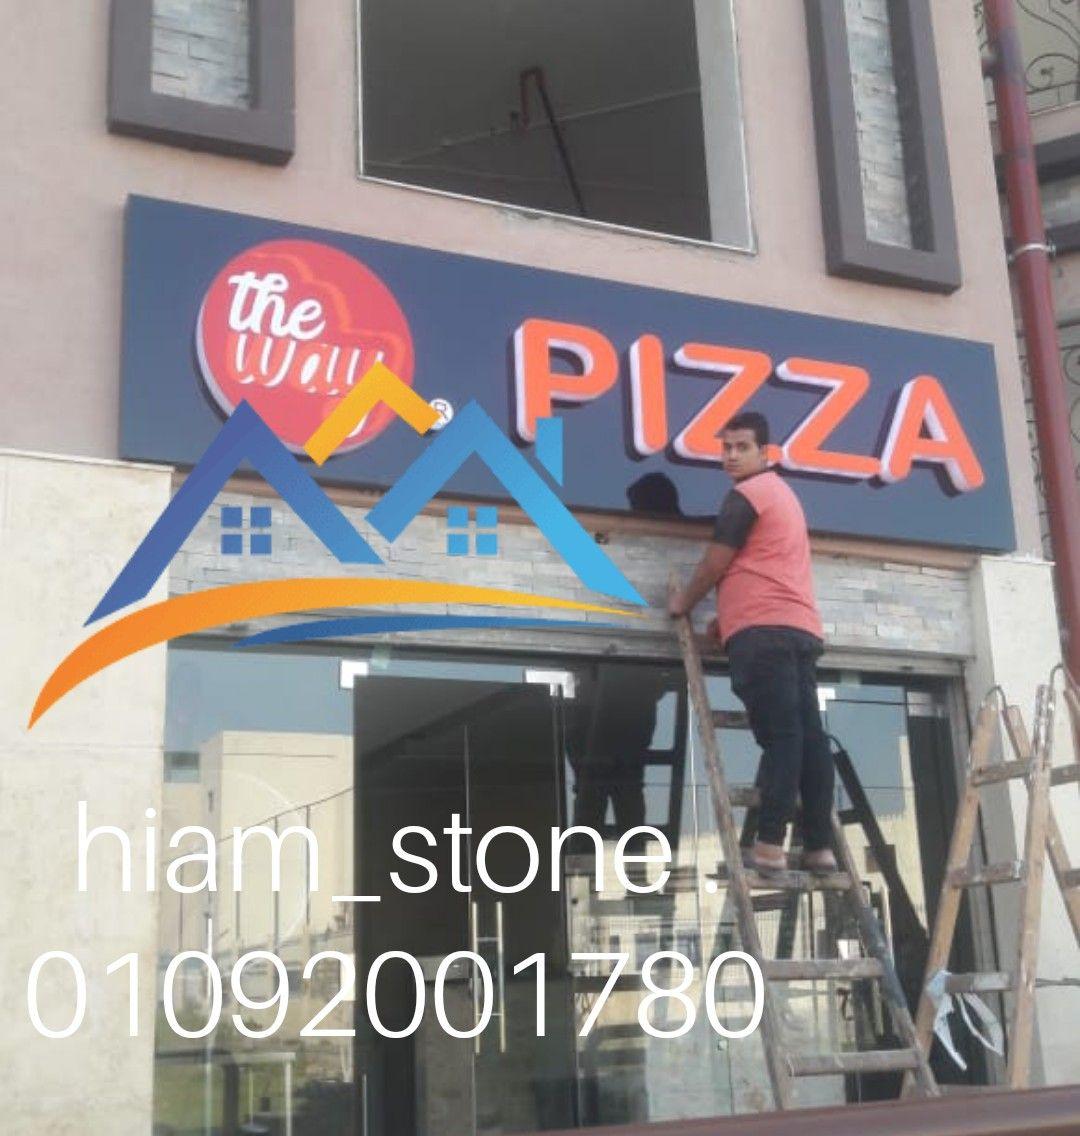 الواح كلادينج محلات فى مصر 01092001780 Neon Signs Signs